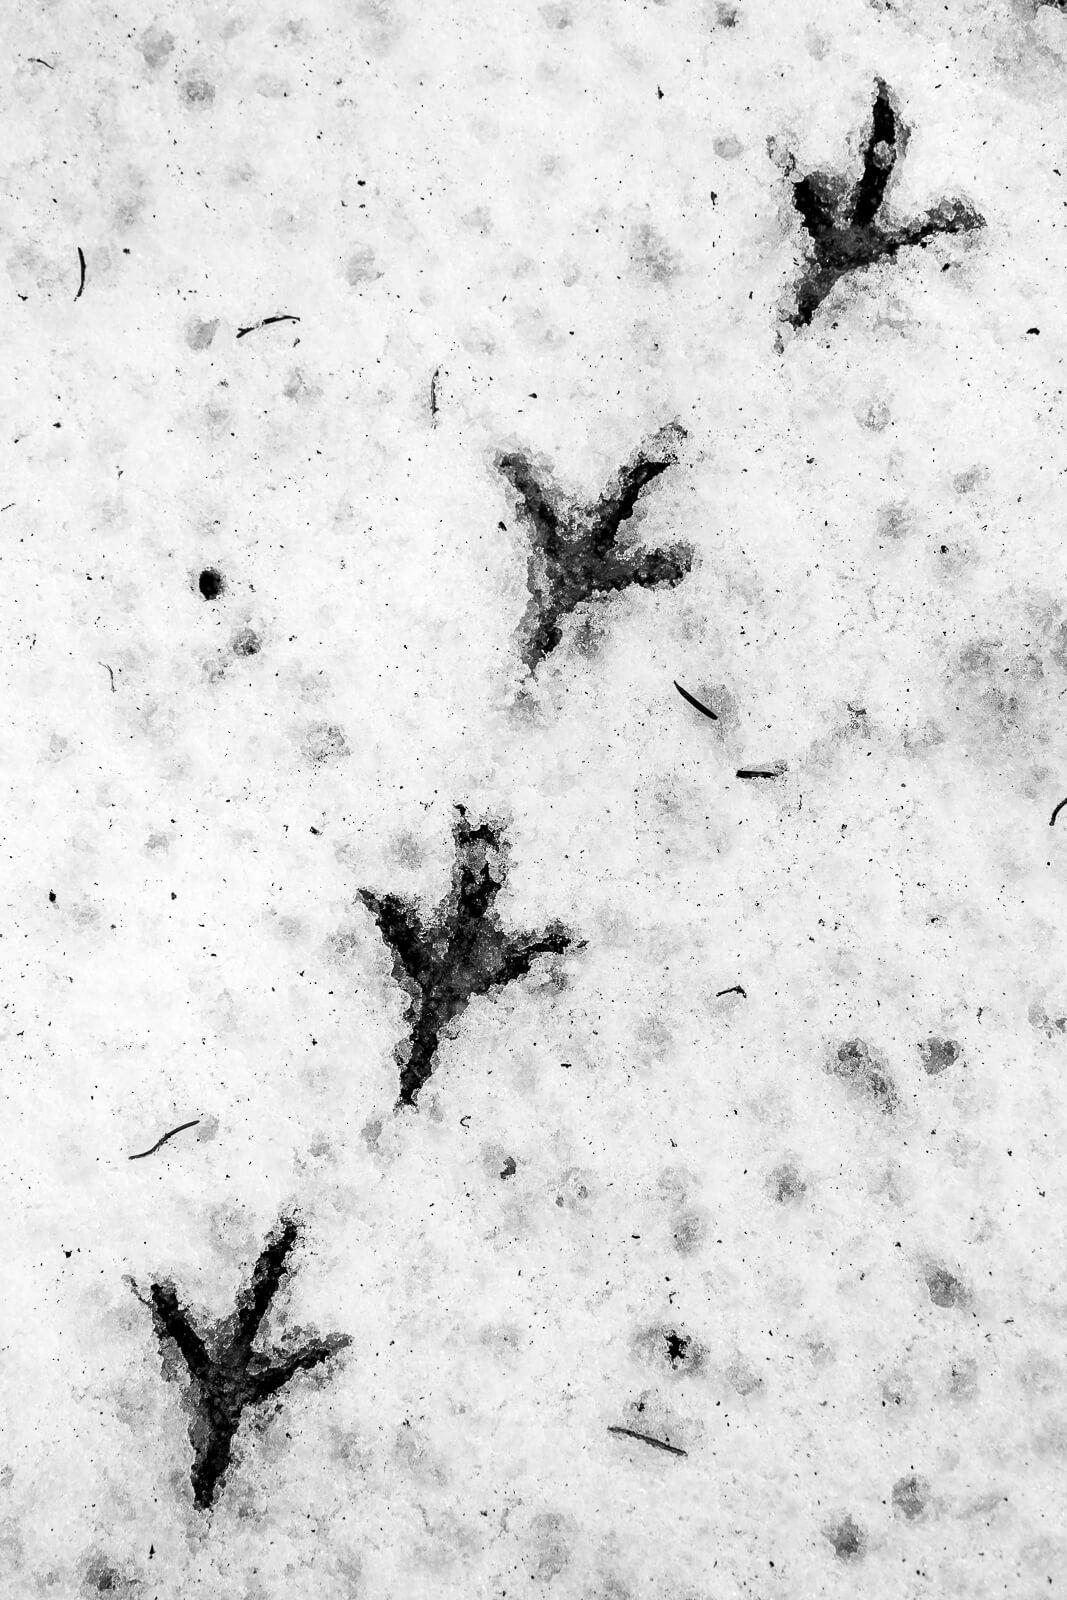 traces de pattes d'oiseaux dans la neige